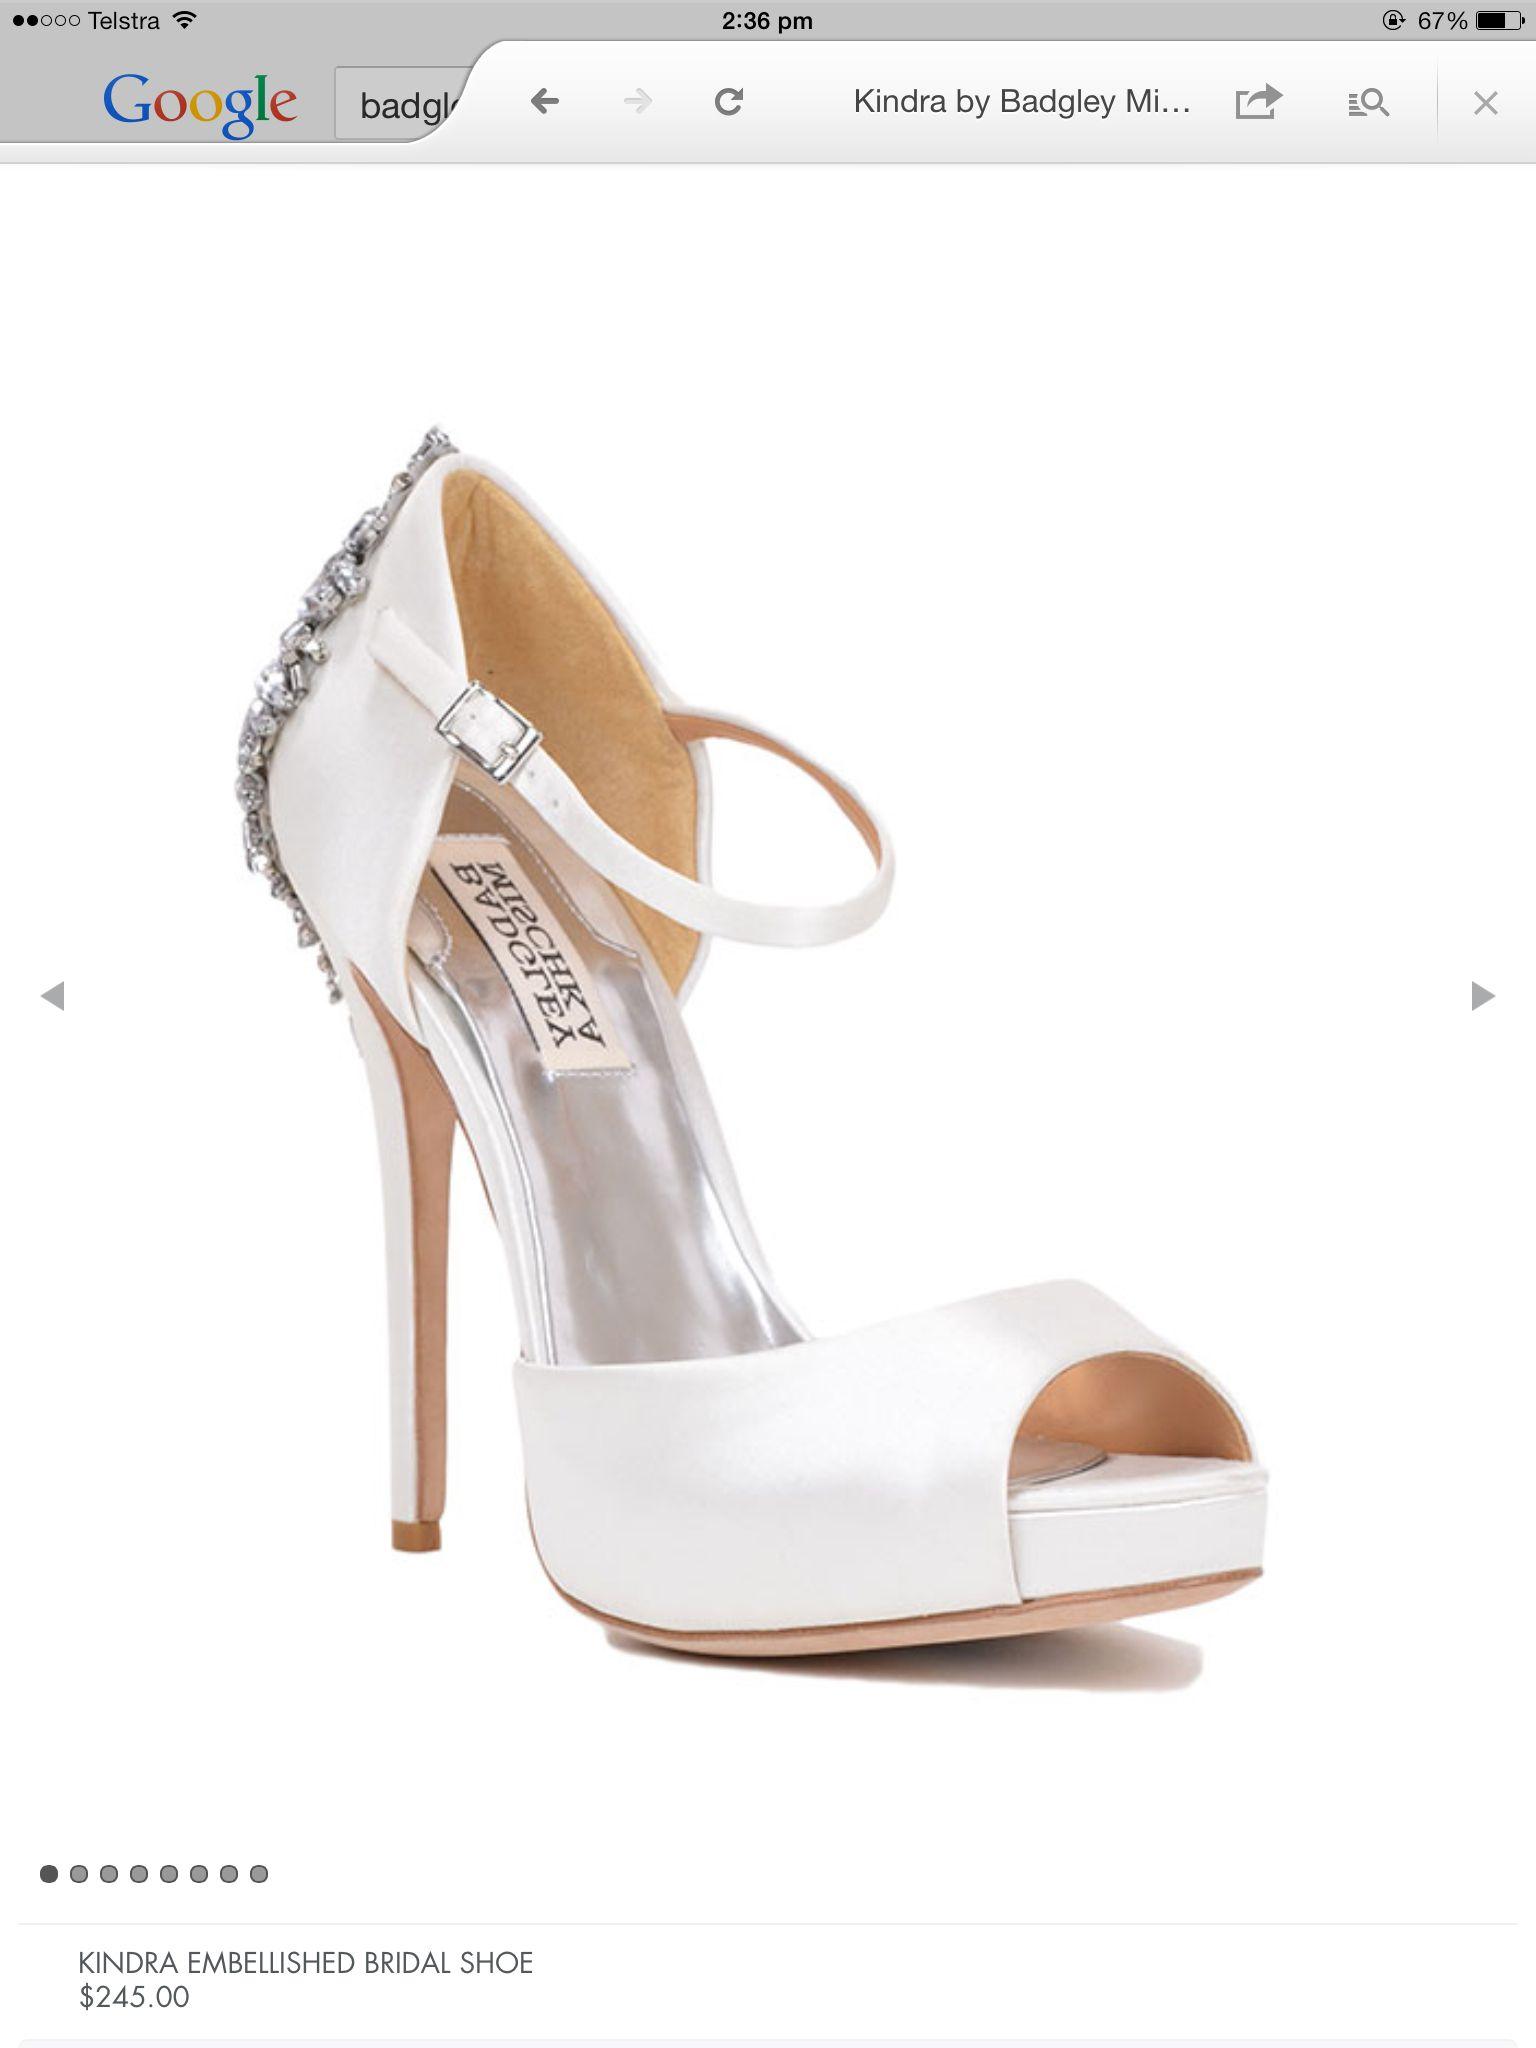 Shoes I'd like